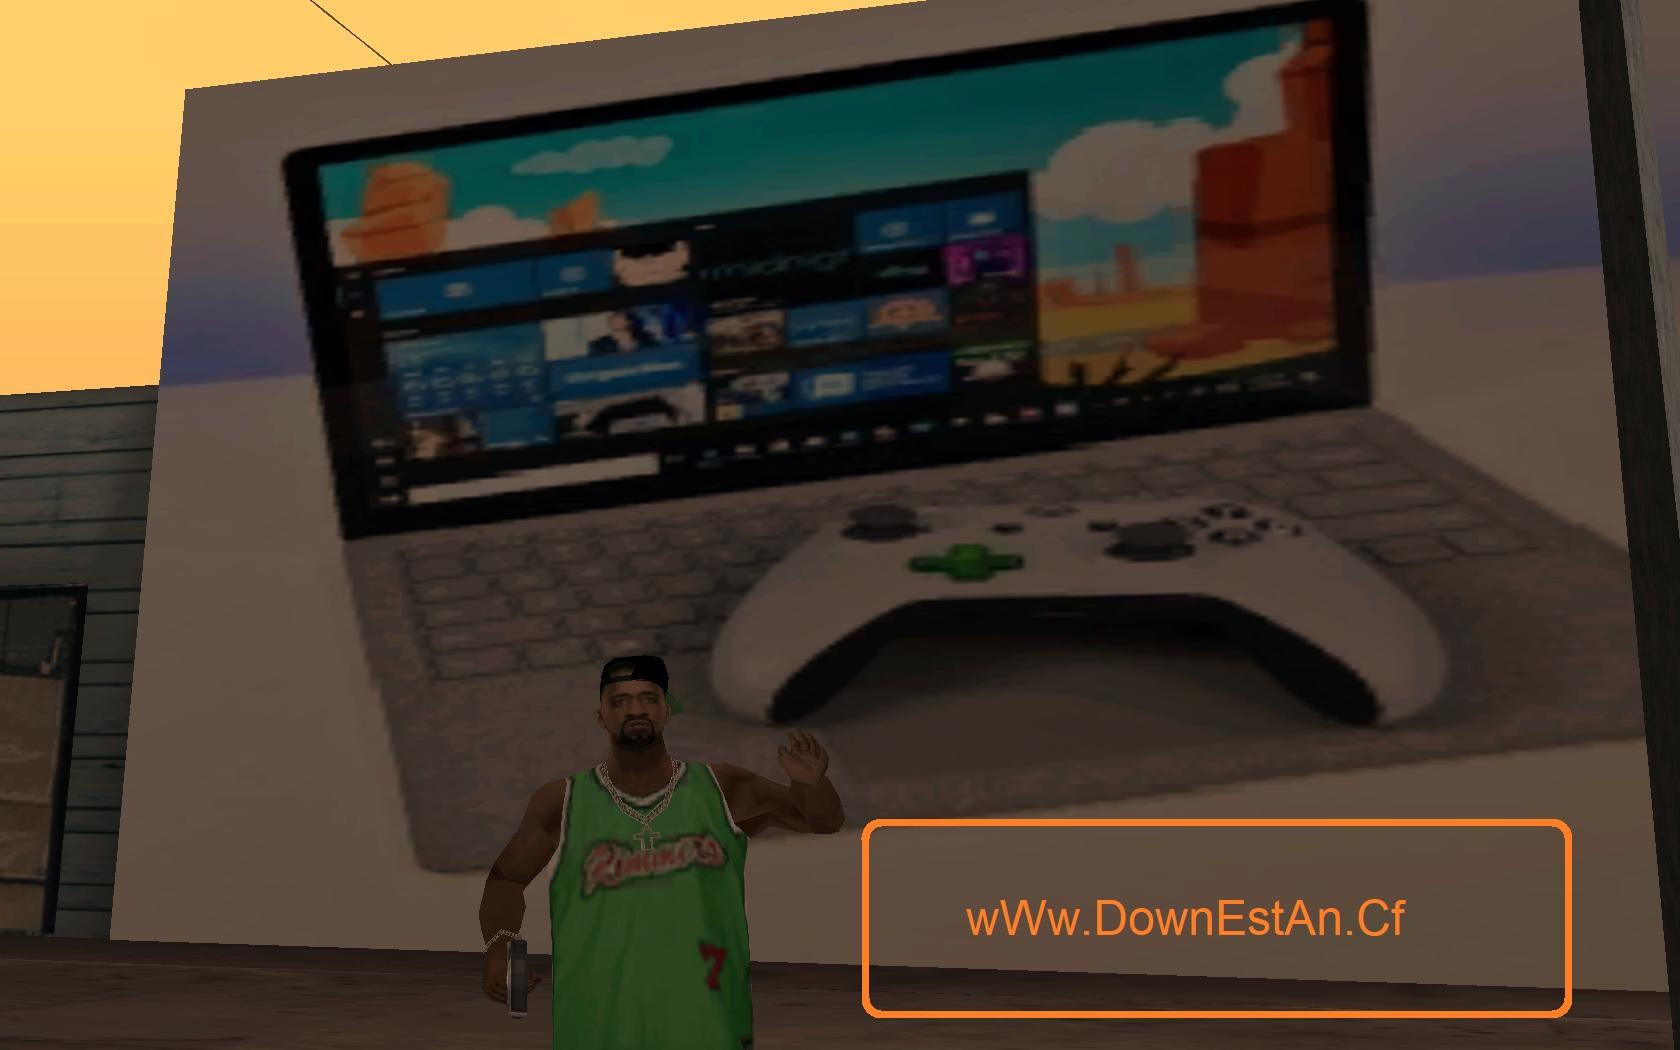 دانلود مود عکس گیمینگ روی دیوار برای بازی Gta San Andreas